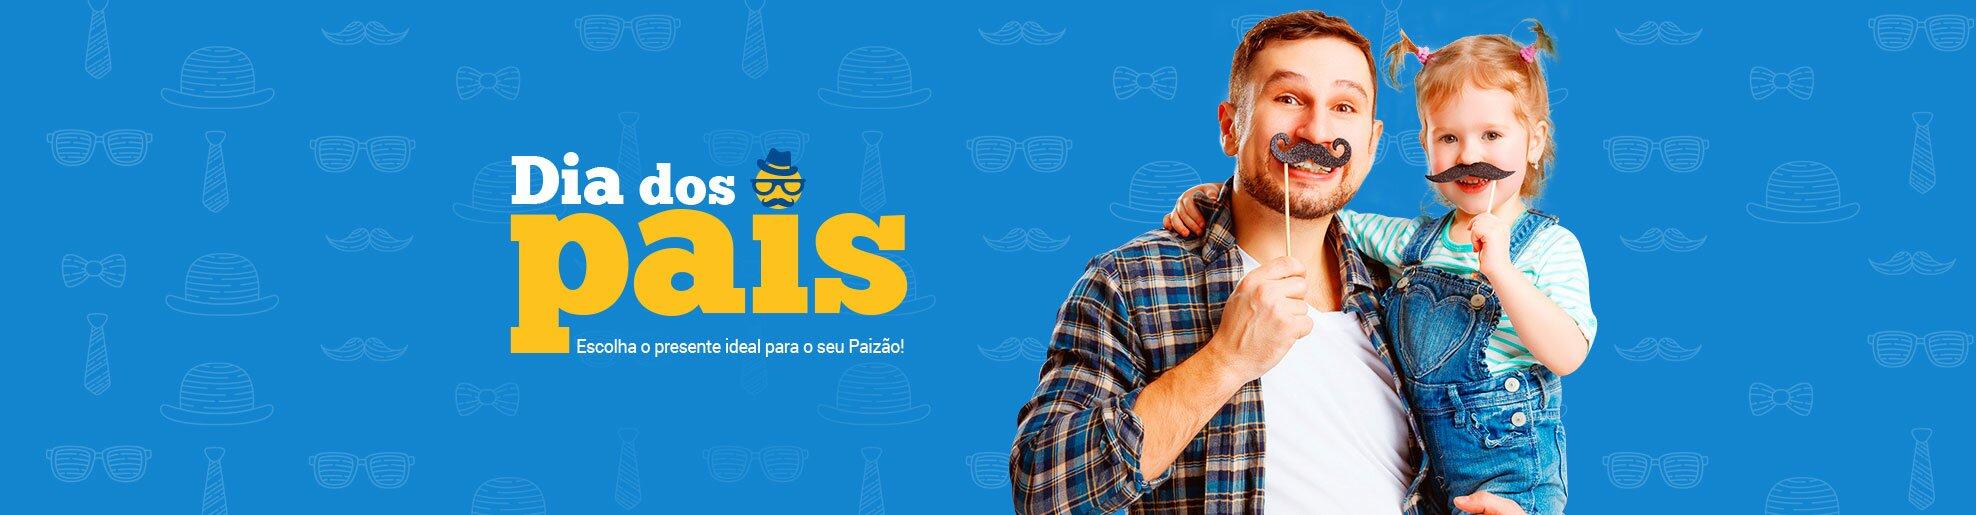 Banner Promoção Dia Dos Pais